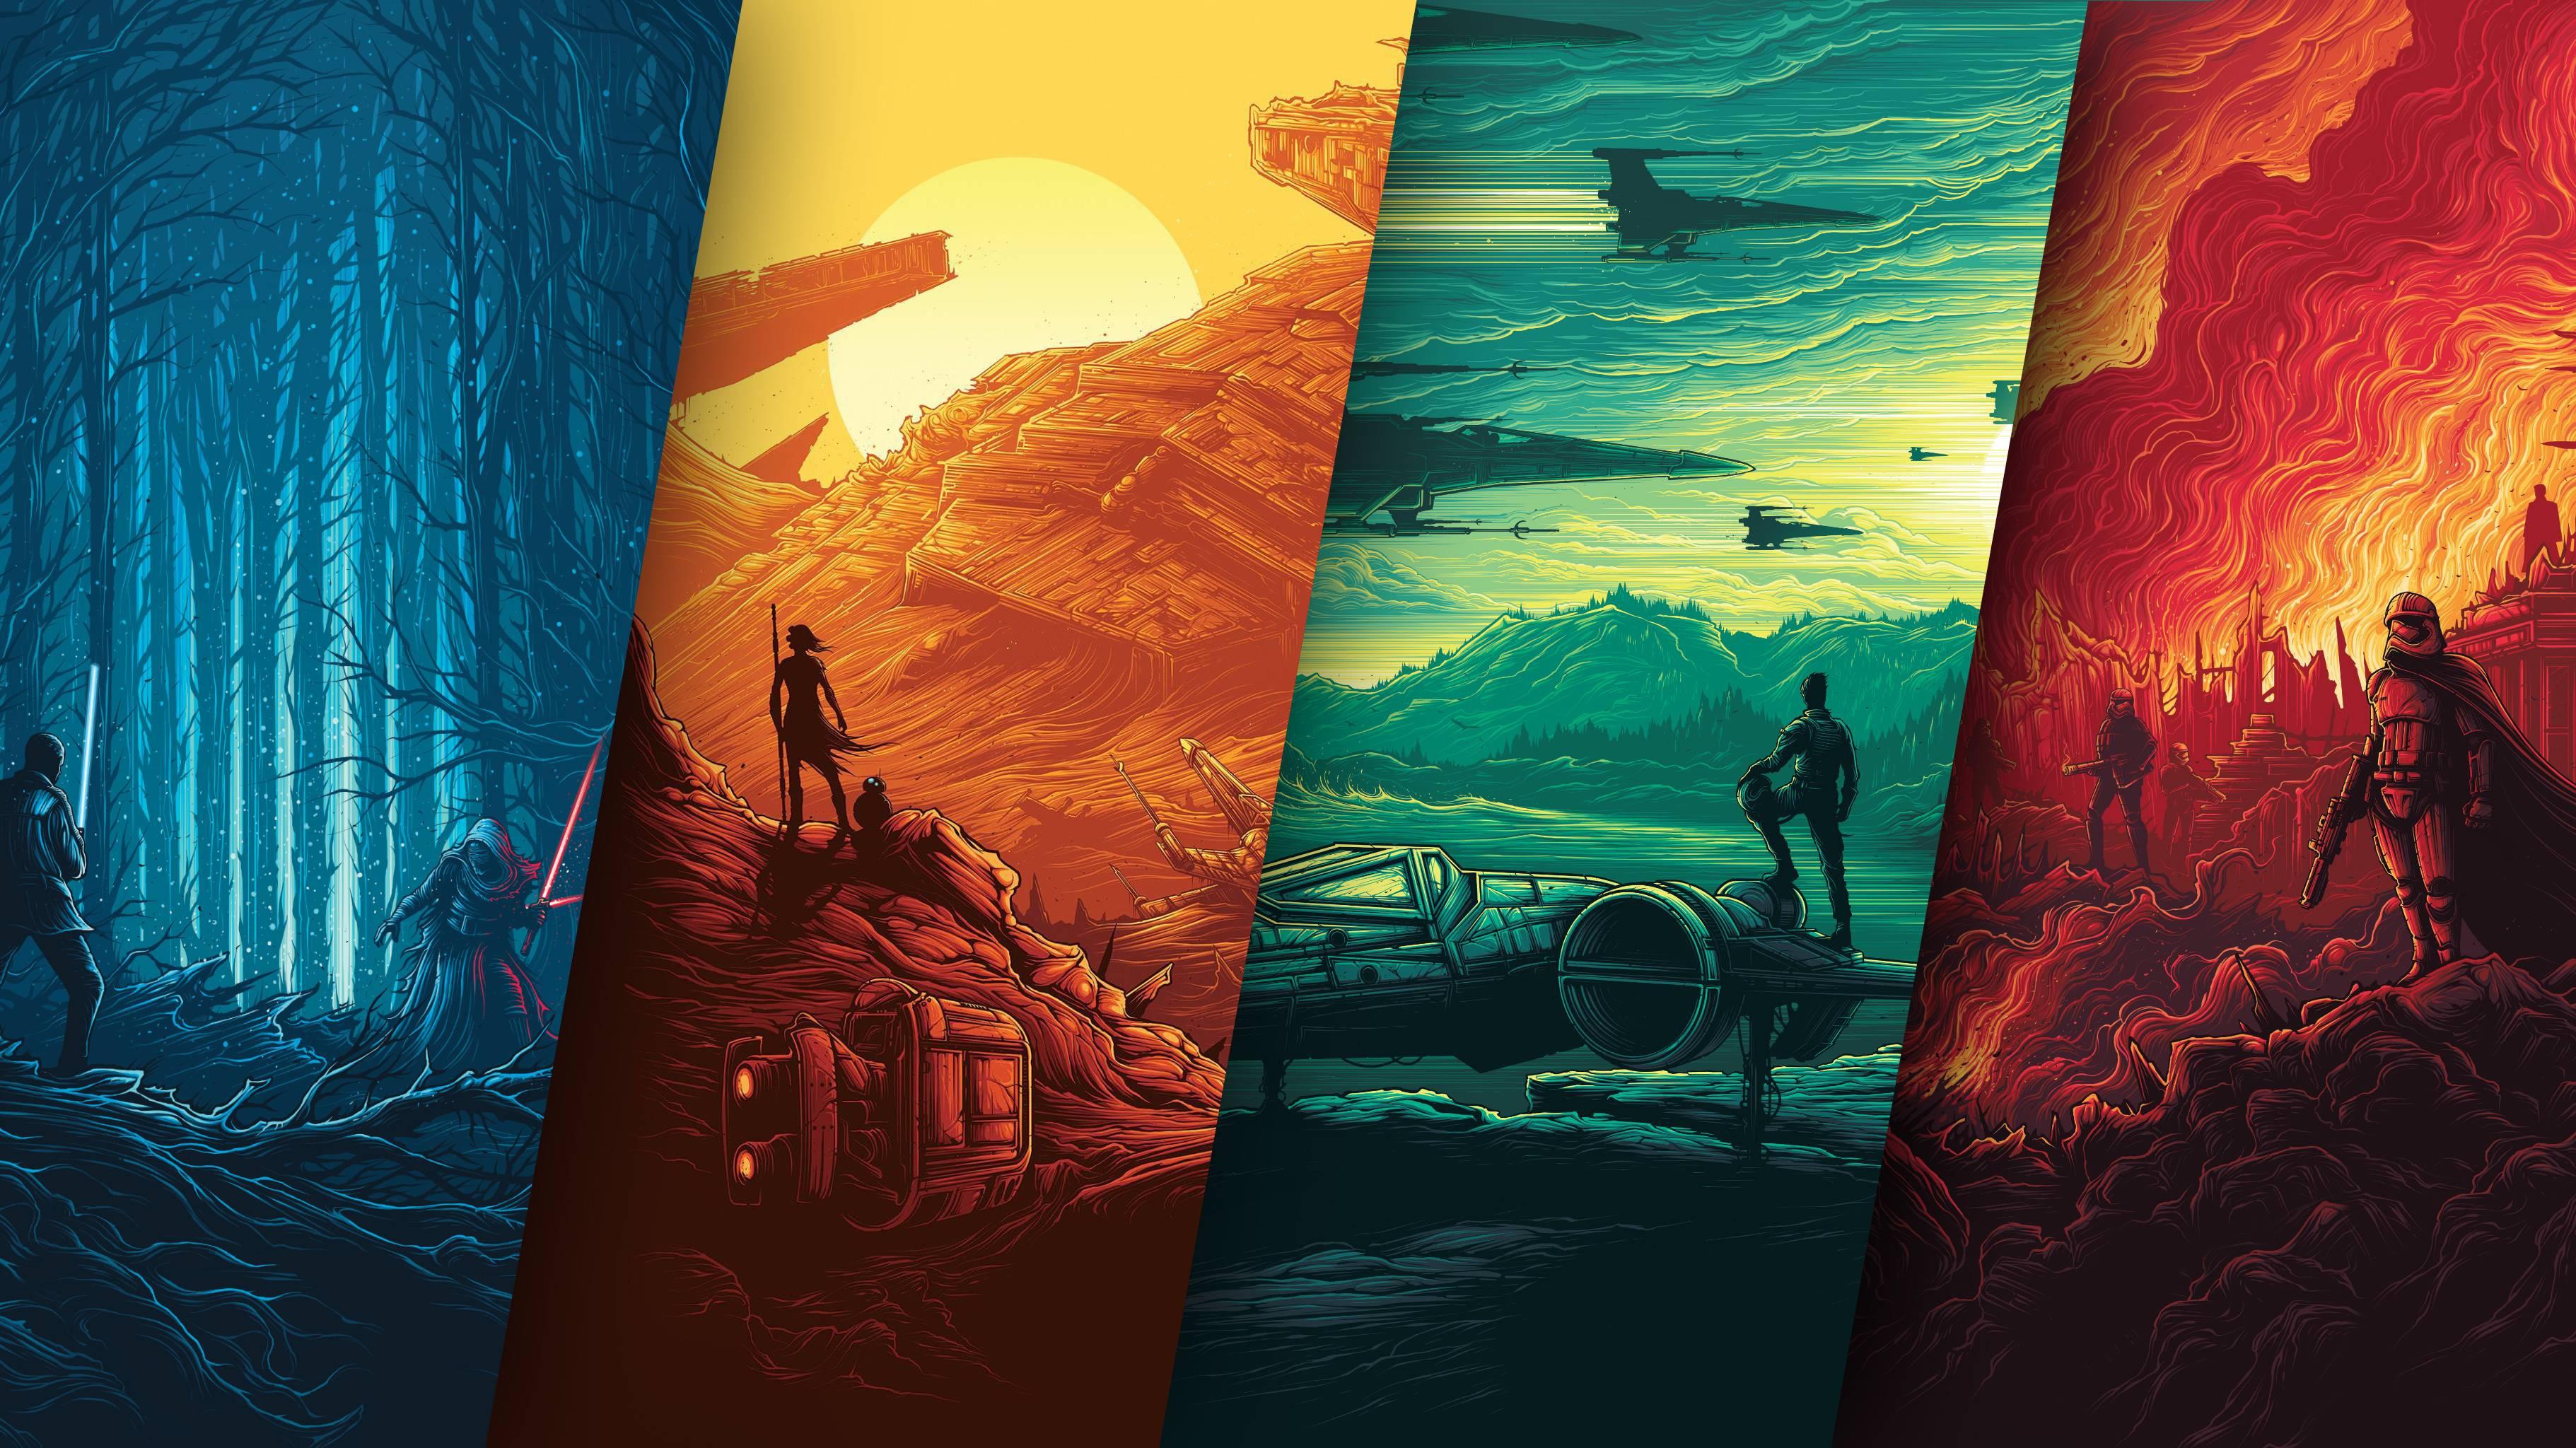 Star Wars Poster 4k Movies Hd 4k Wallpaper Star Wars Poster 4k 3643x2048 Wallpaper Teahub Io